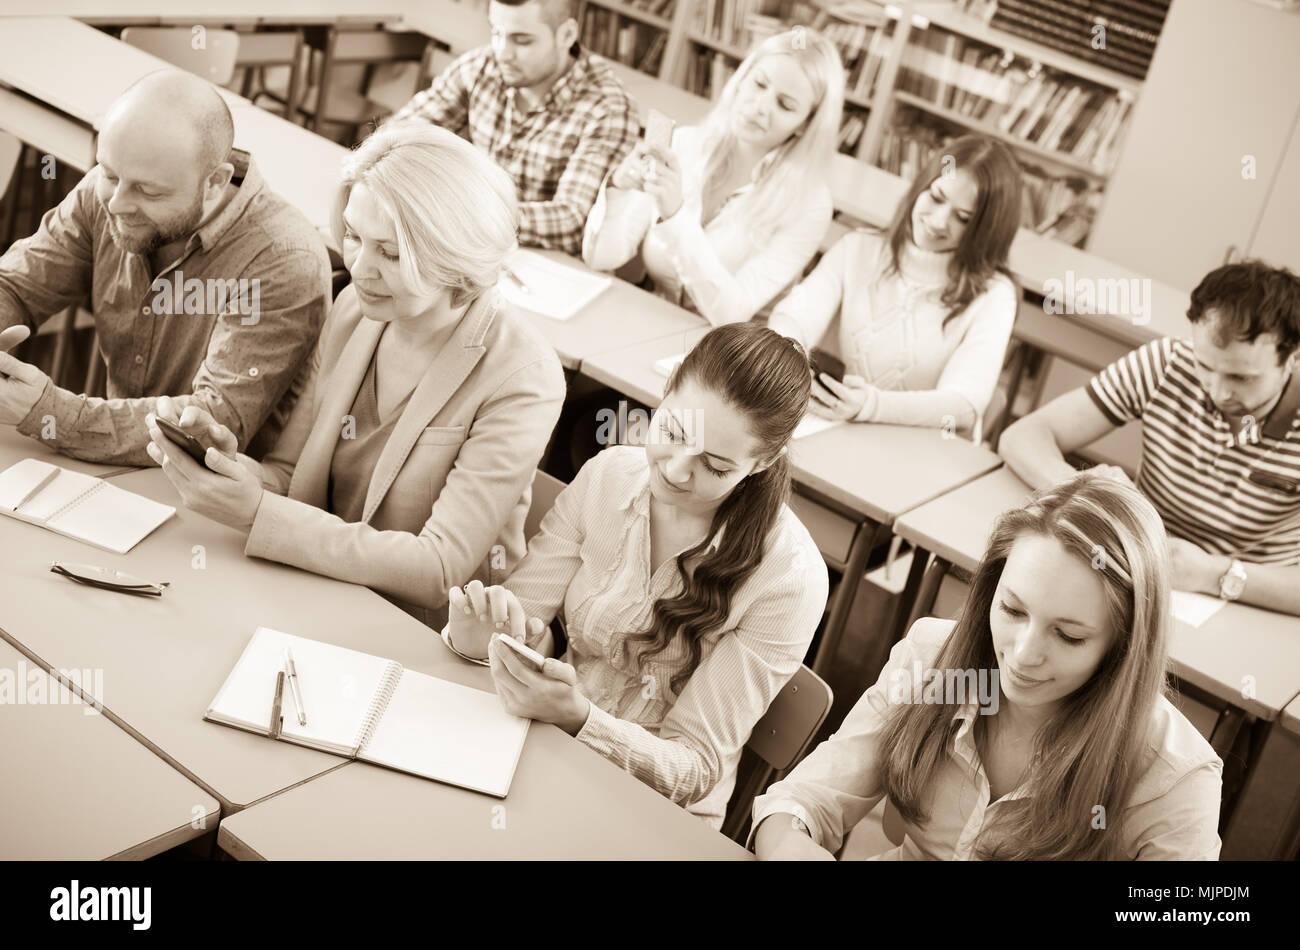 using smartphones in the classroom